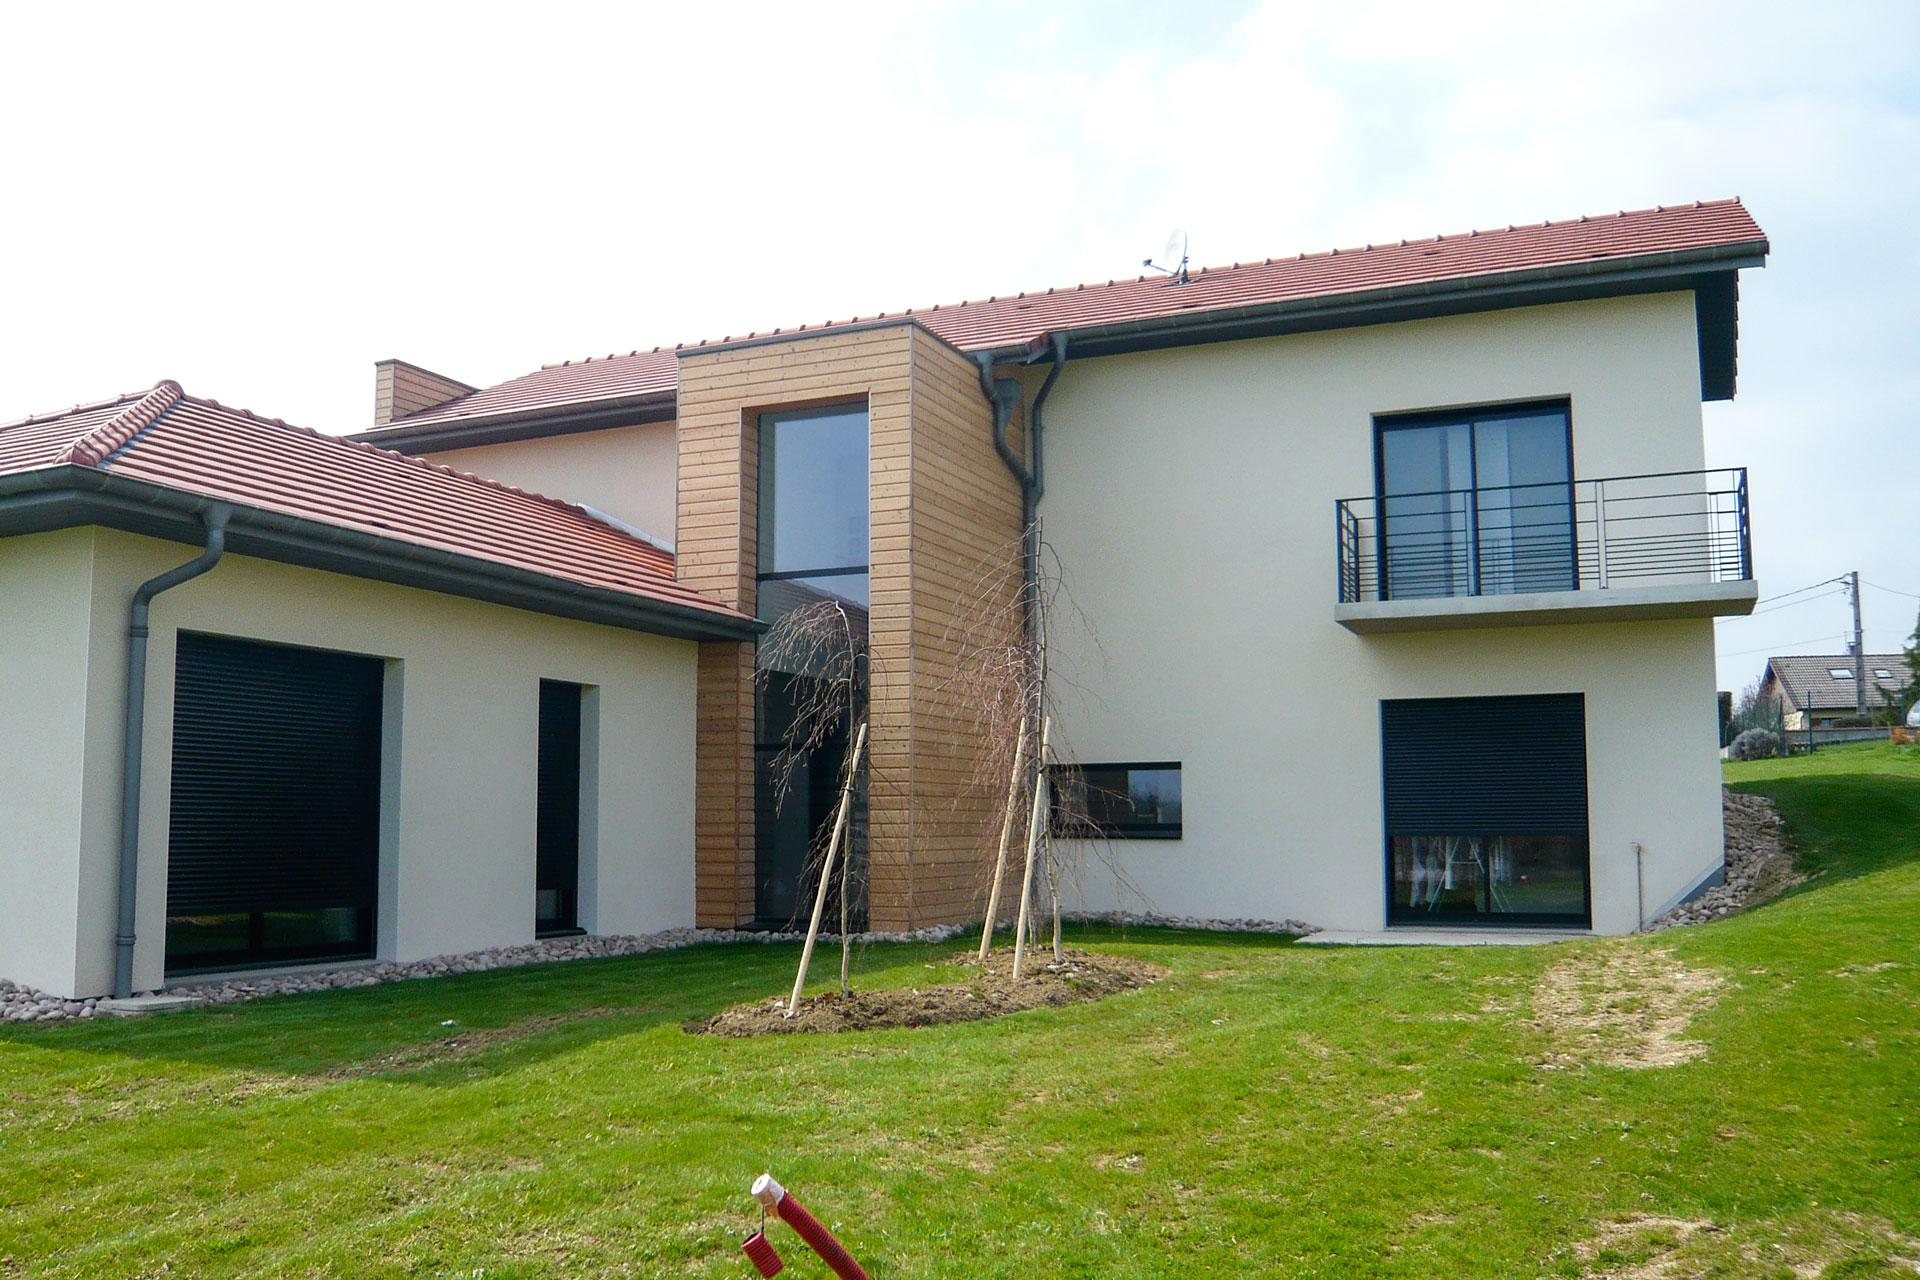 Maison contemporaine 07 16 for Maison moderne nancy